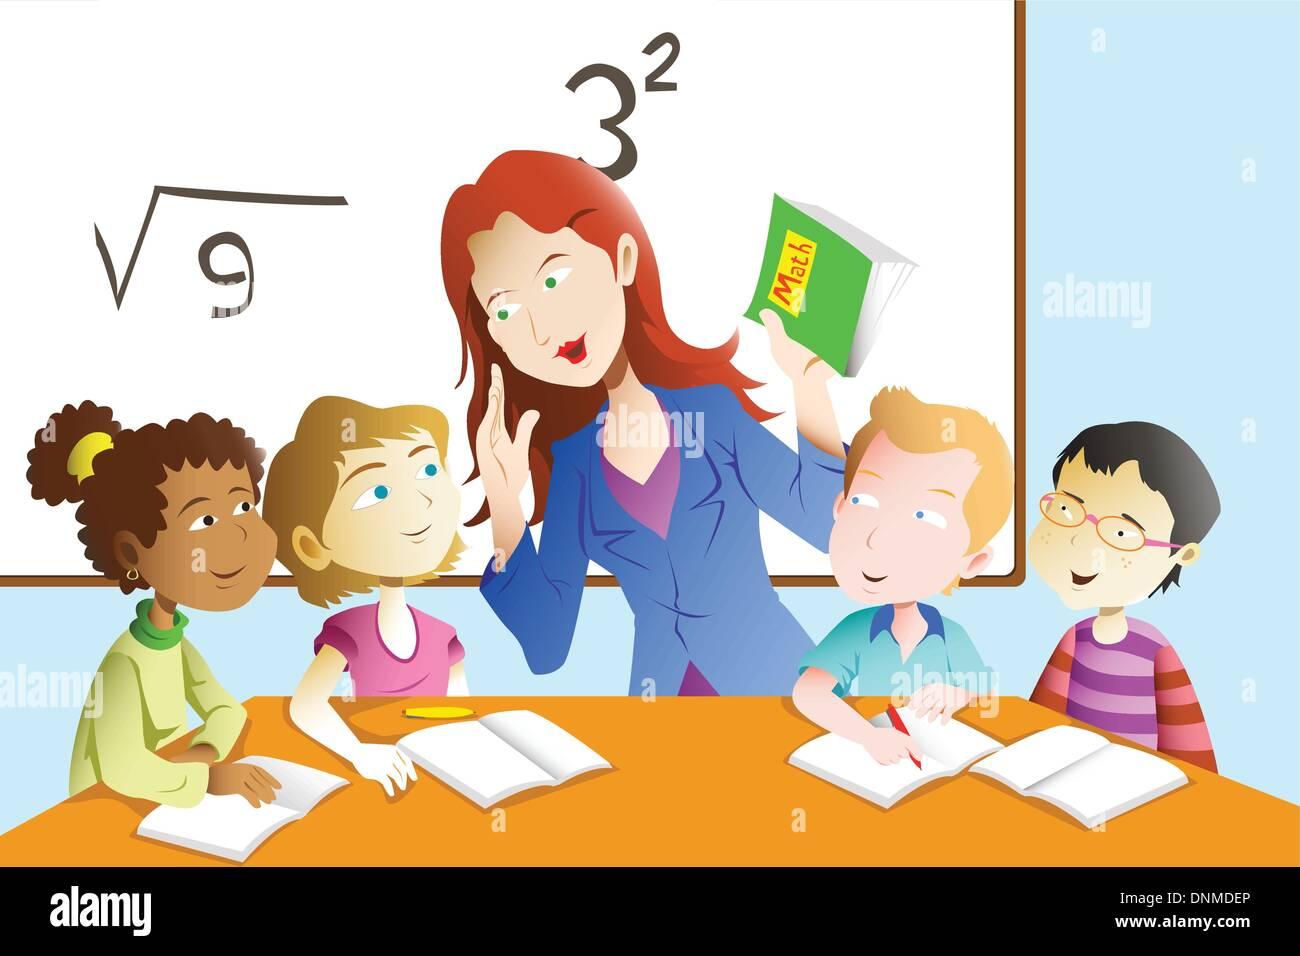 Una ilustración vectorial de niños estudiar matemáticas en el aula con el profesor Imagen De Stock